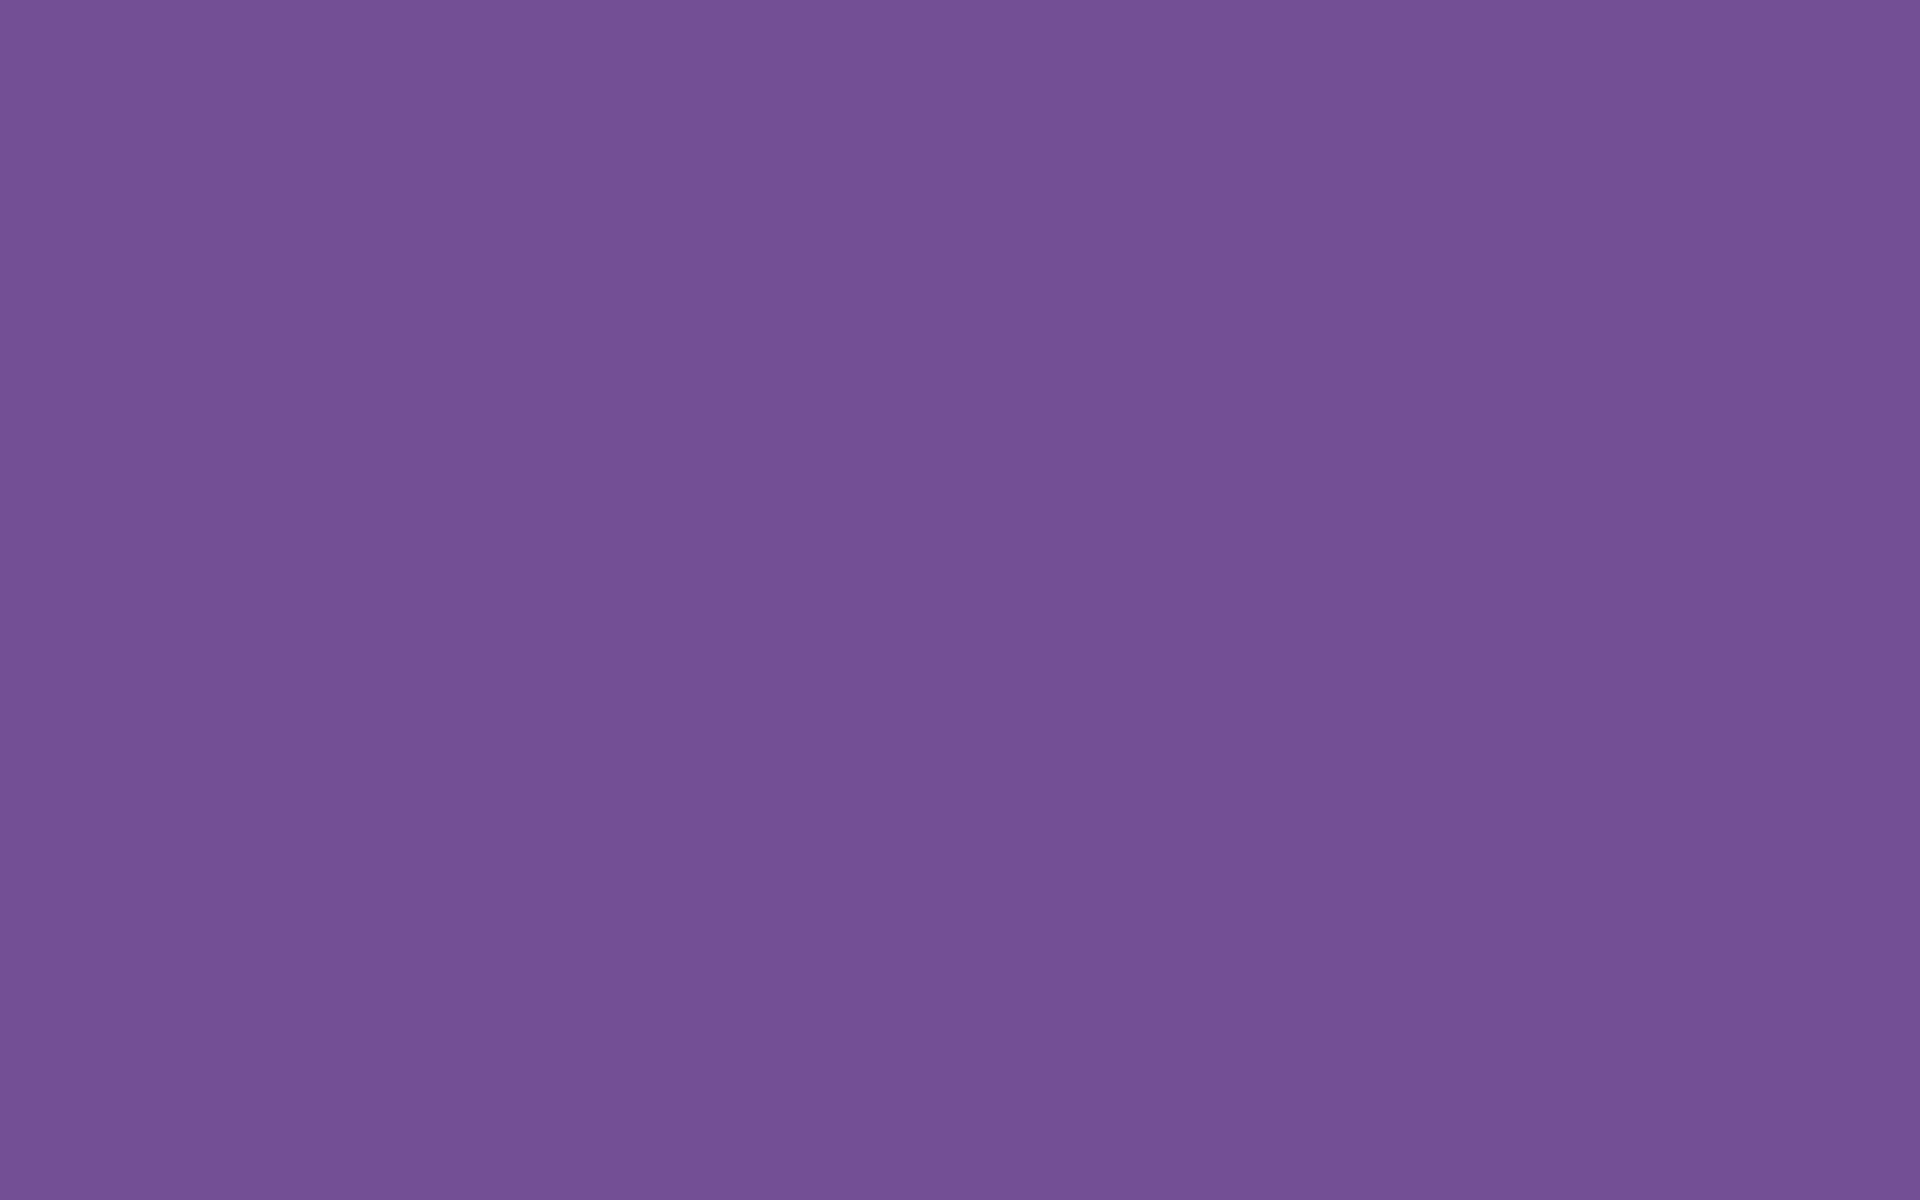 1920x1200 Dark Lavender Solid Color Background